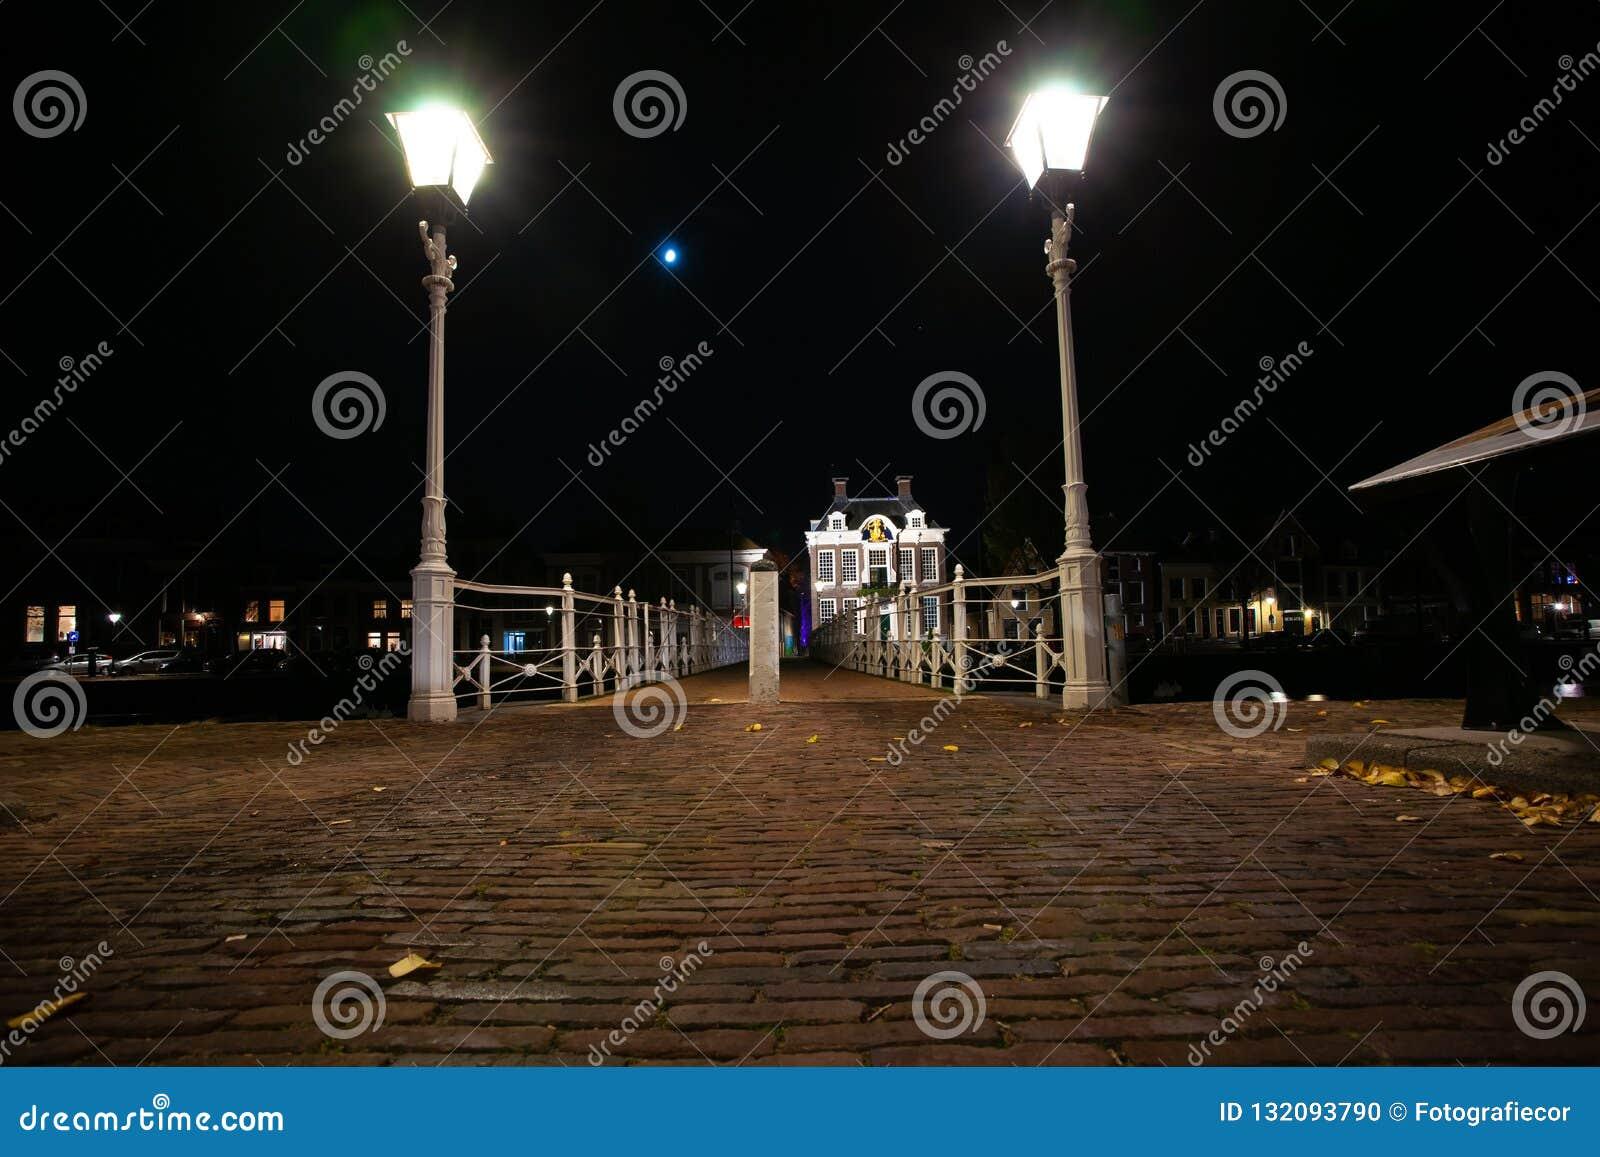 Gietijzer gesmede brug in de haven met straatverlichting en o